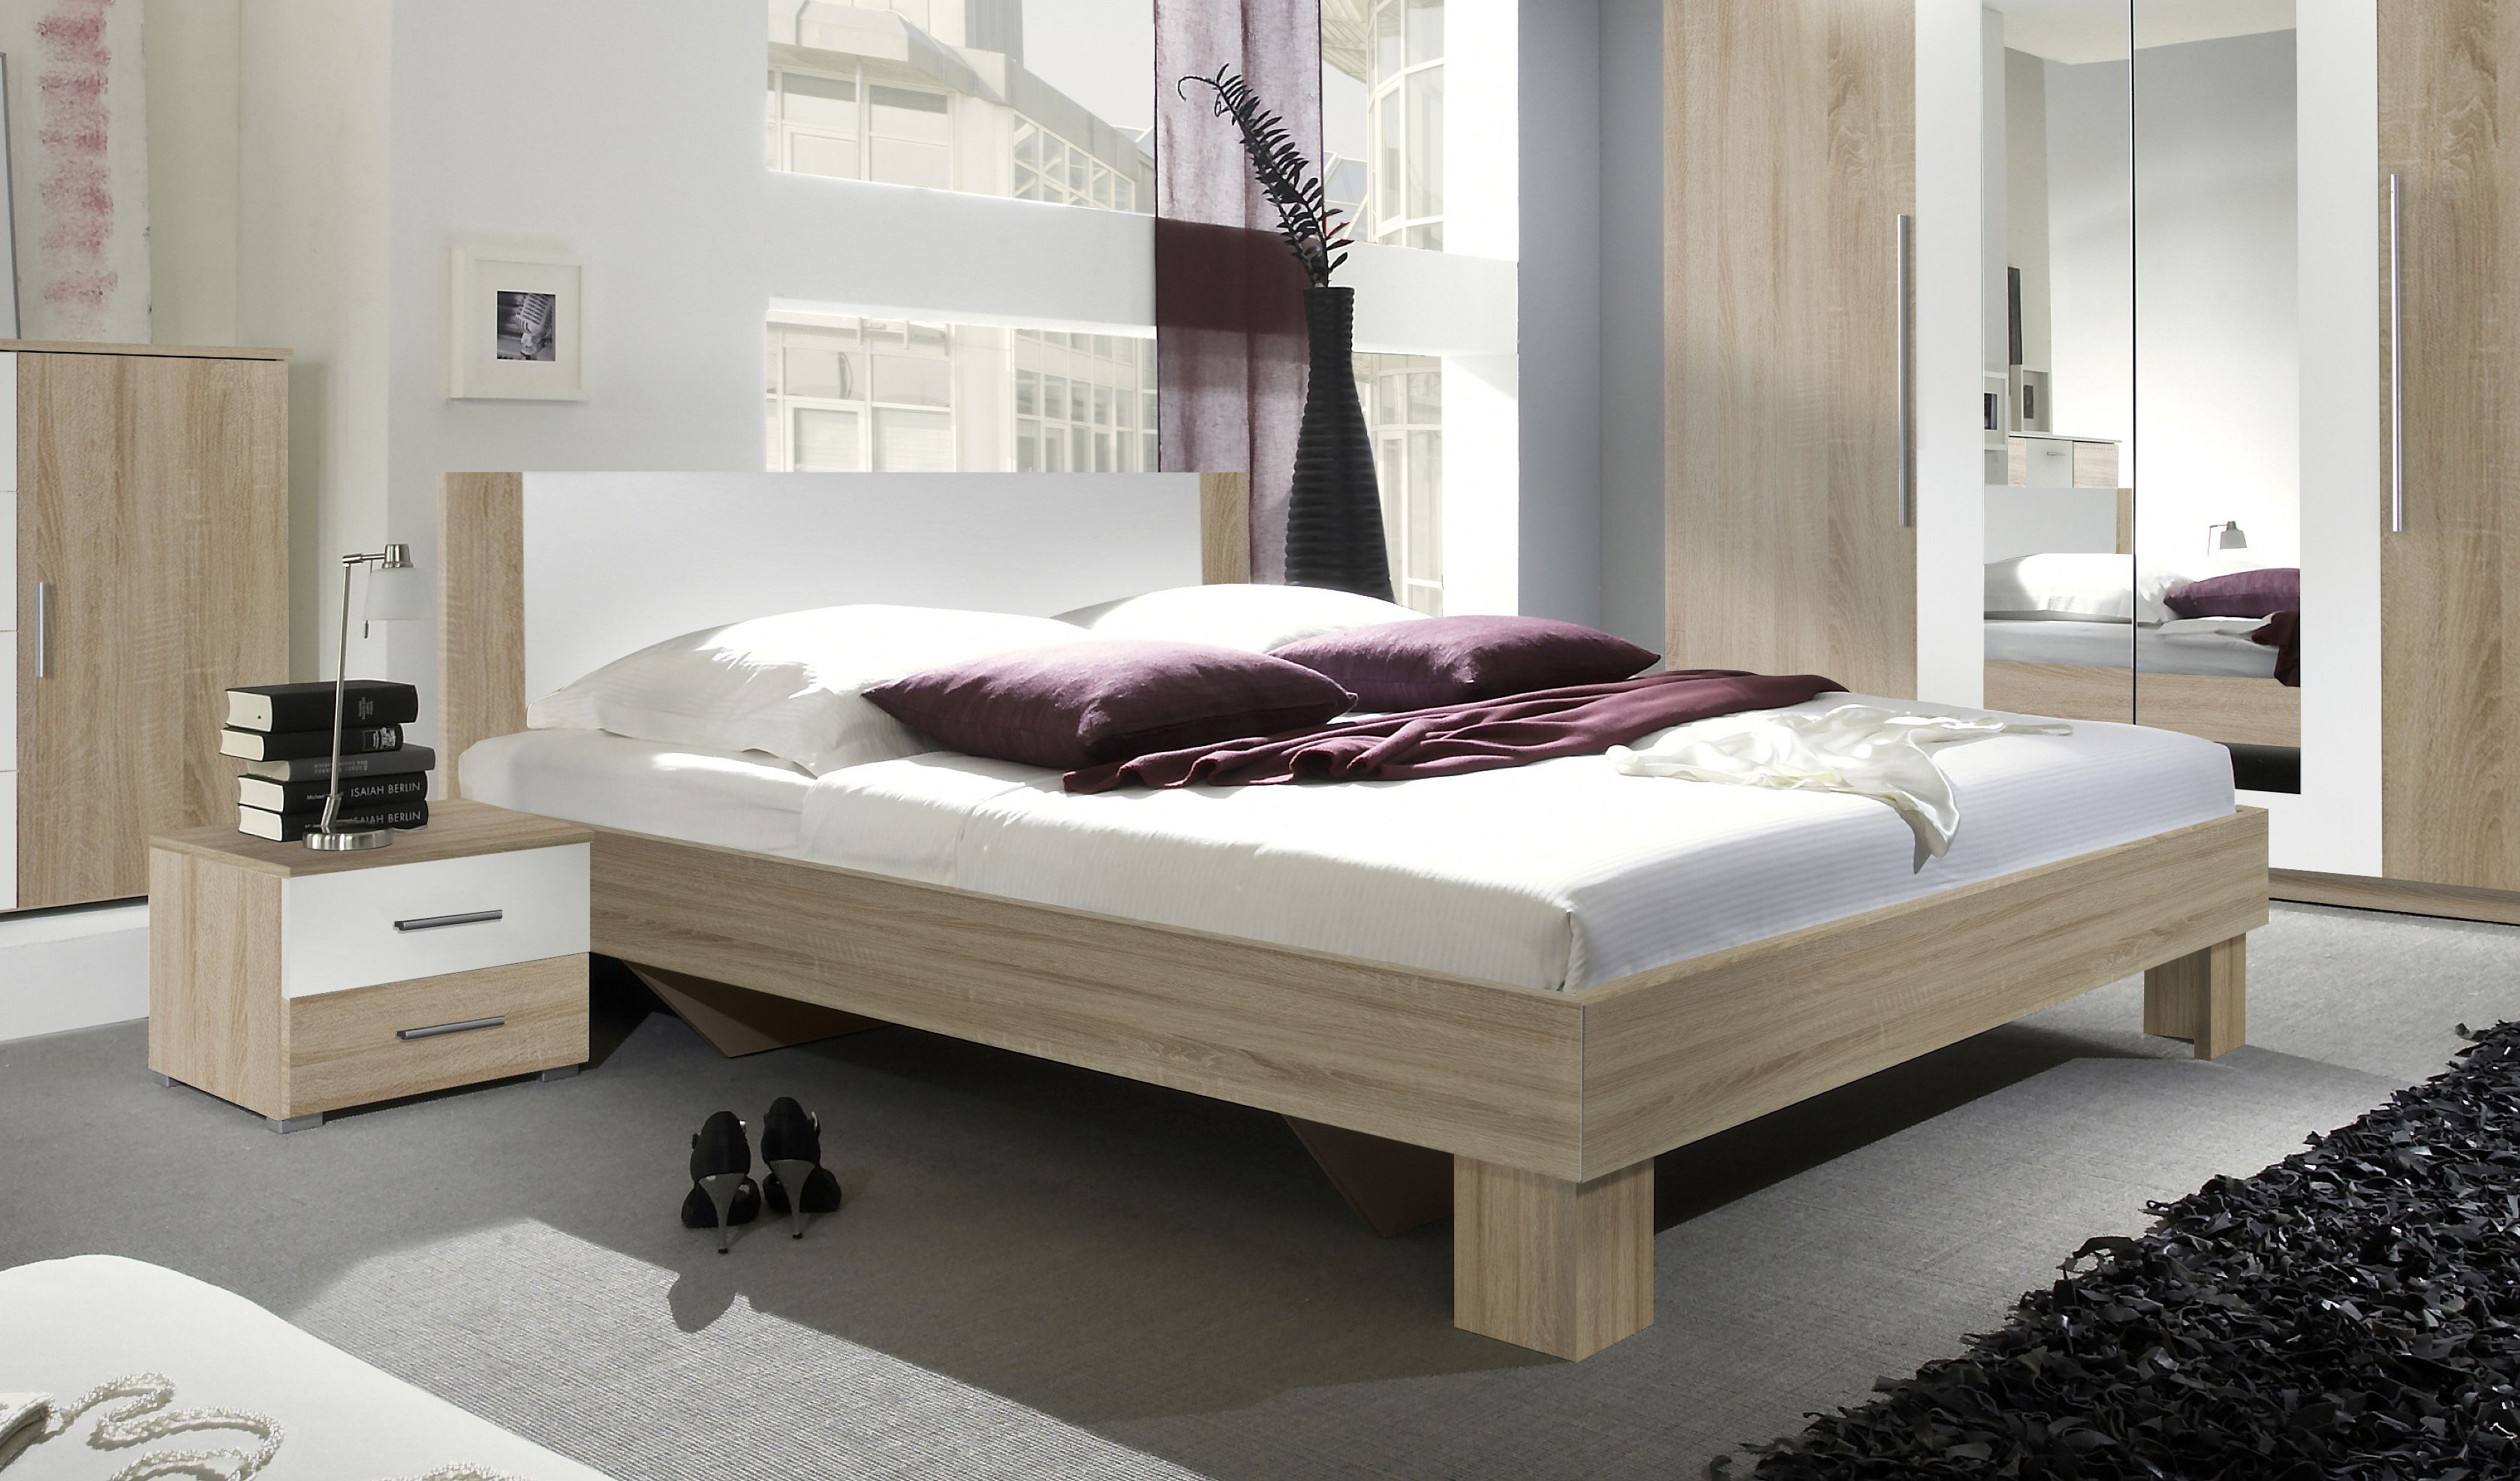 Bett 180 X 200 Cm Mit Nako Set Eiche Sonoma Weiss Helvetia Vera Holz Modern Jetzt bestellen unter komplett